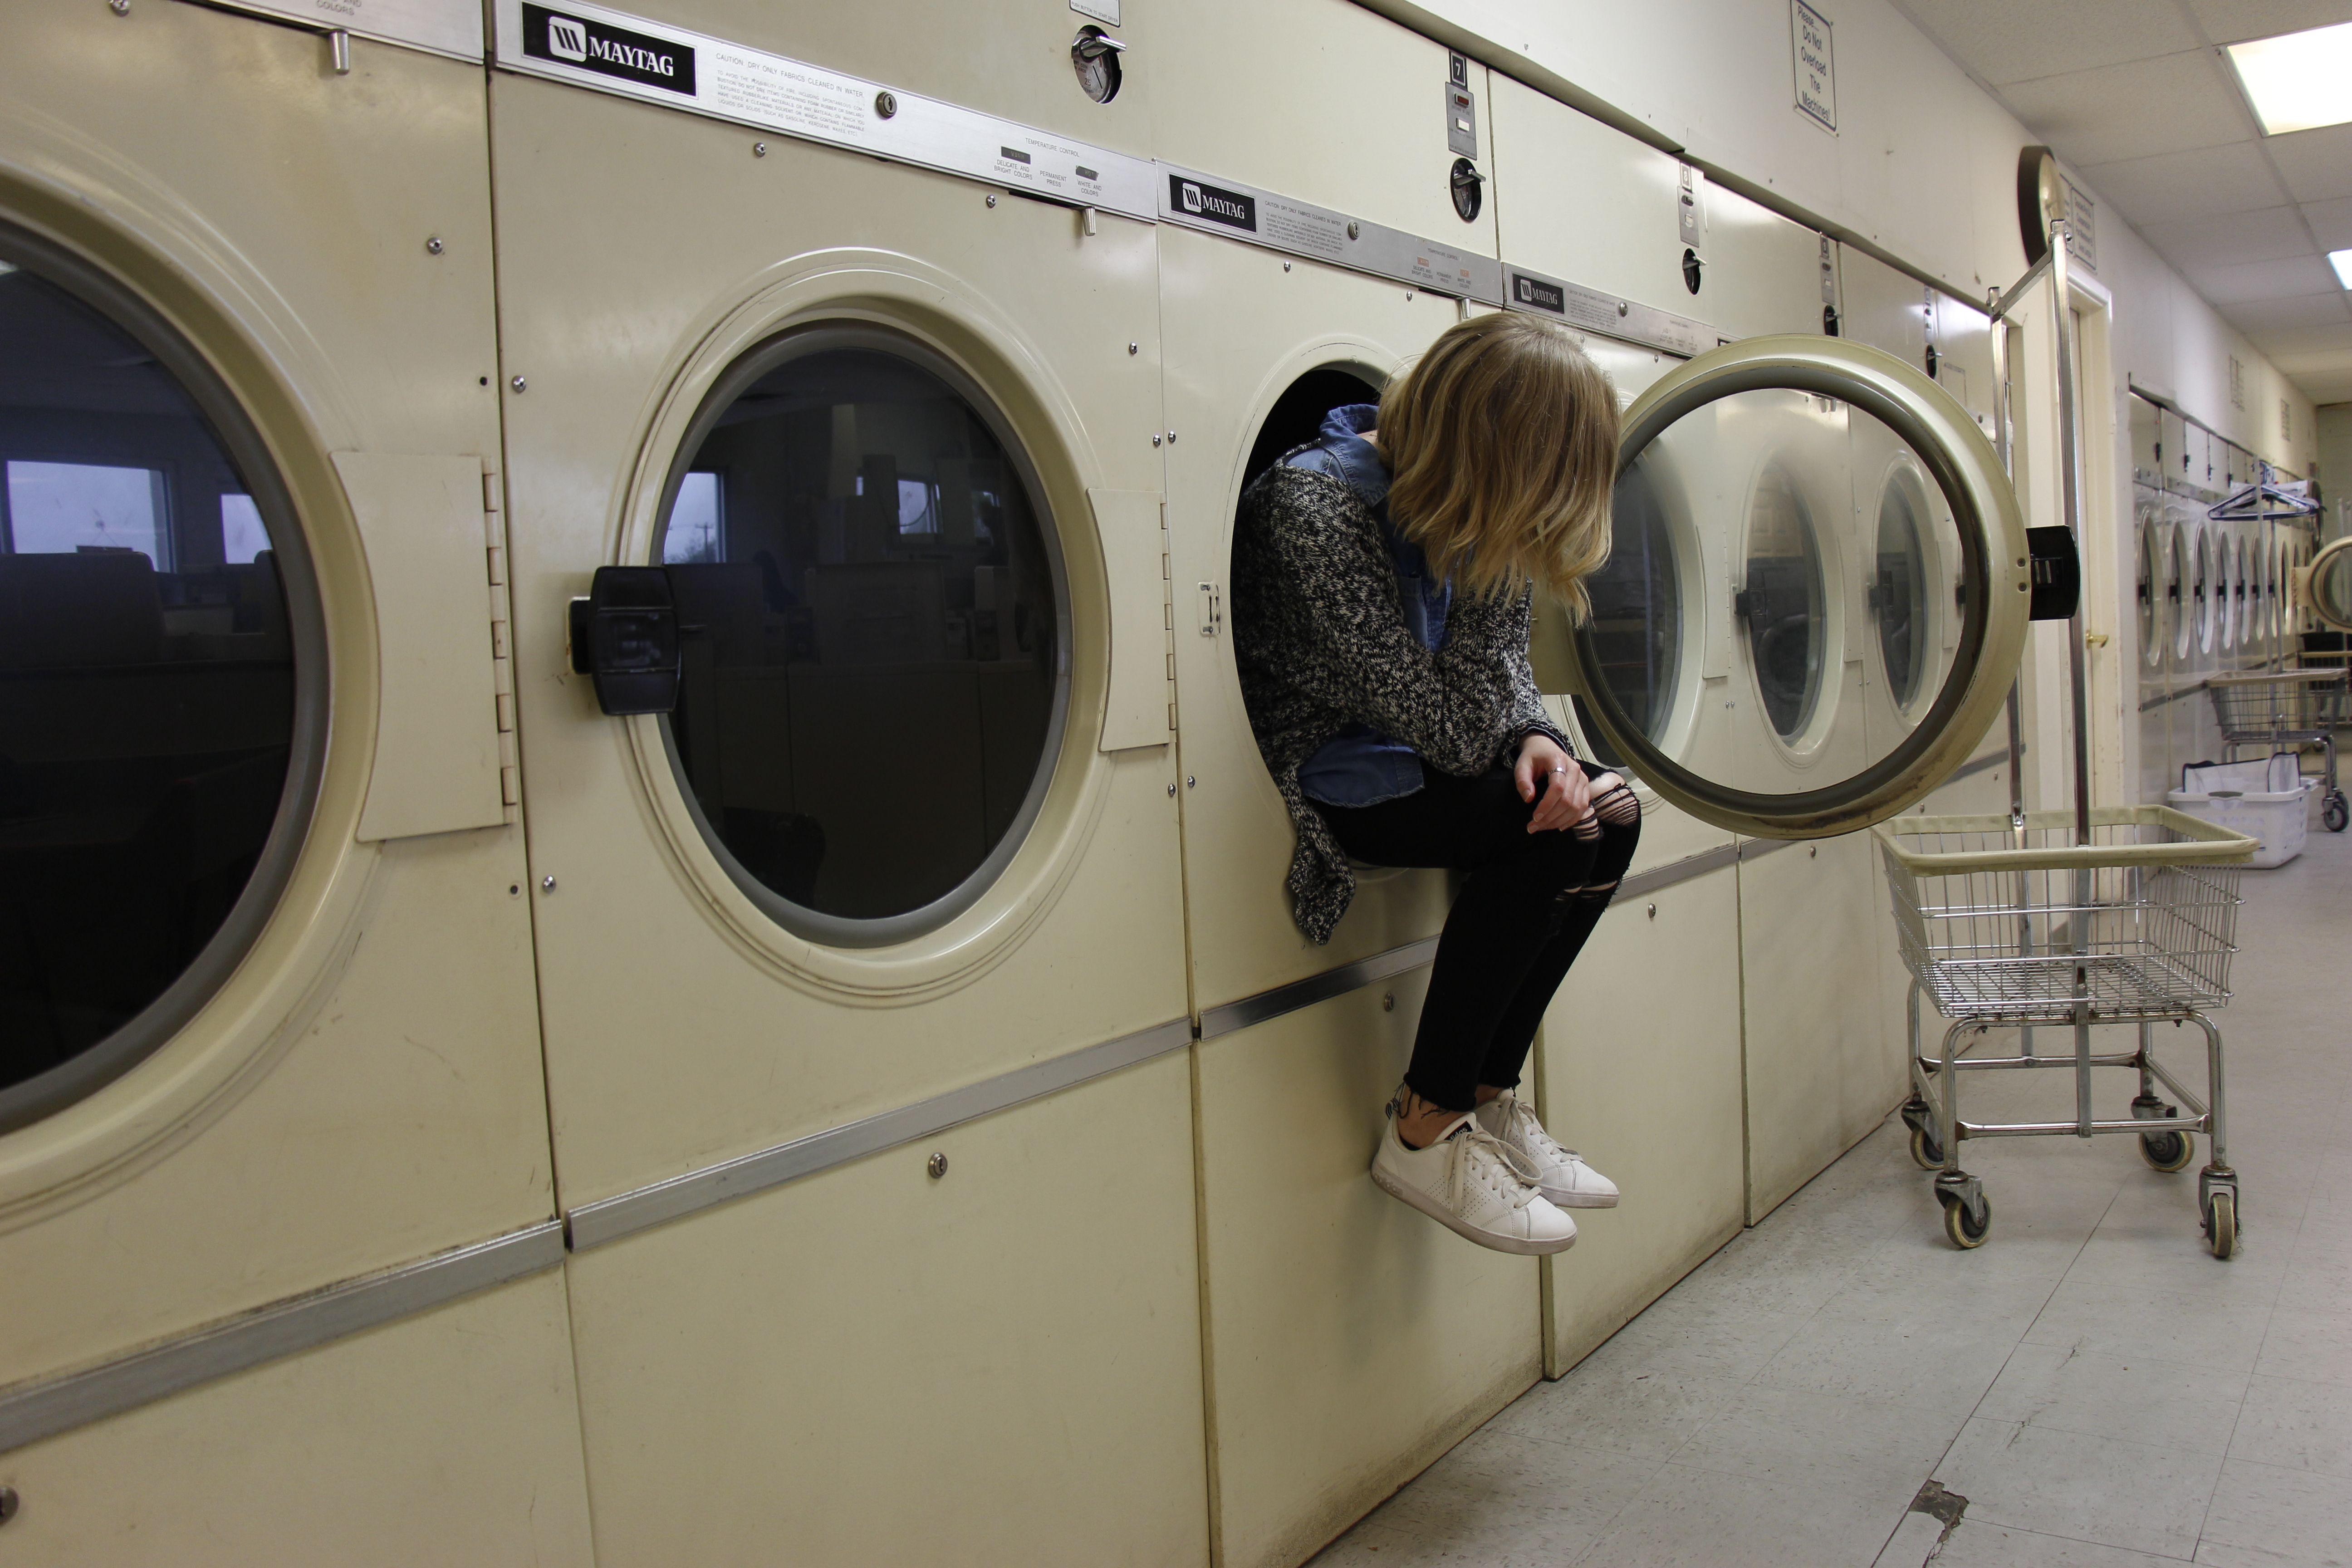 Laundry mat thinkin